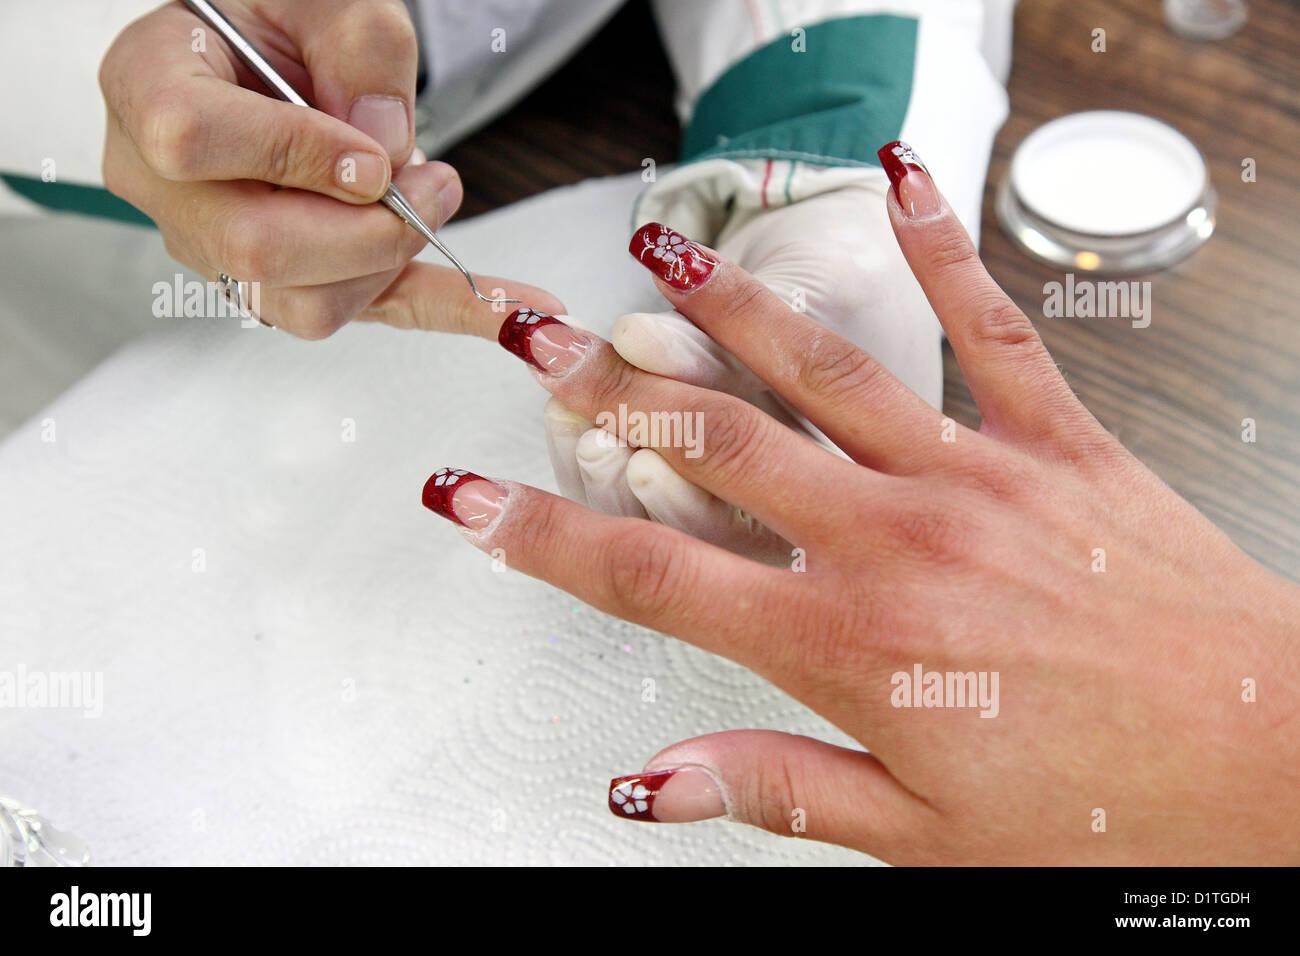 Glitter Nails Stockfotos & Glitter Nails Bilder - Alamy